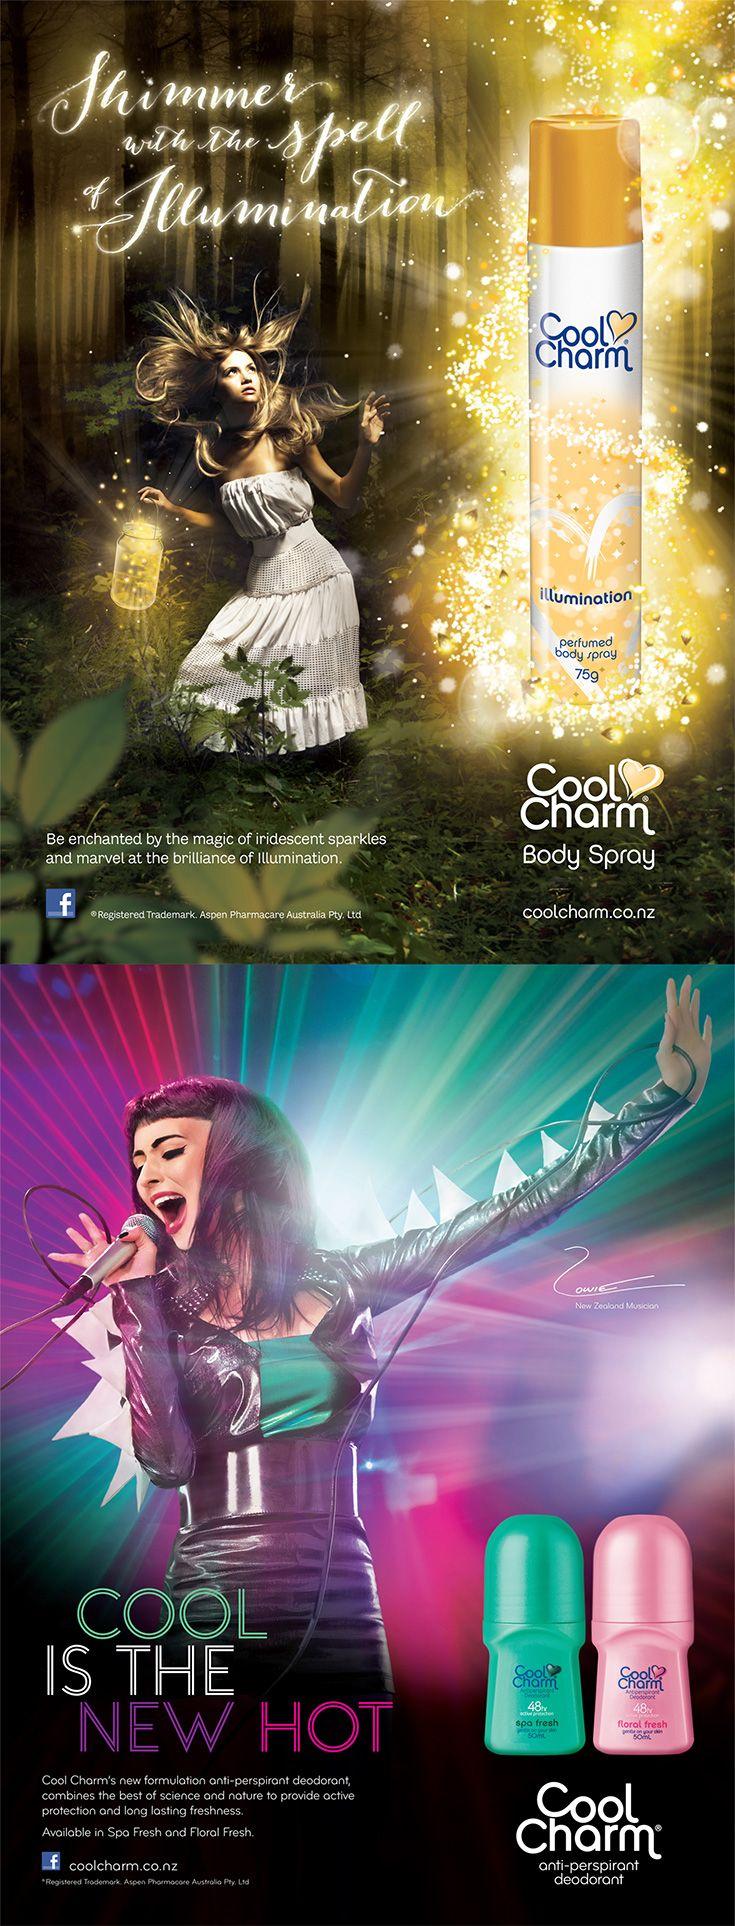 Cool Charm Press Ads.